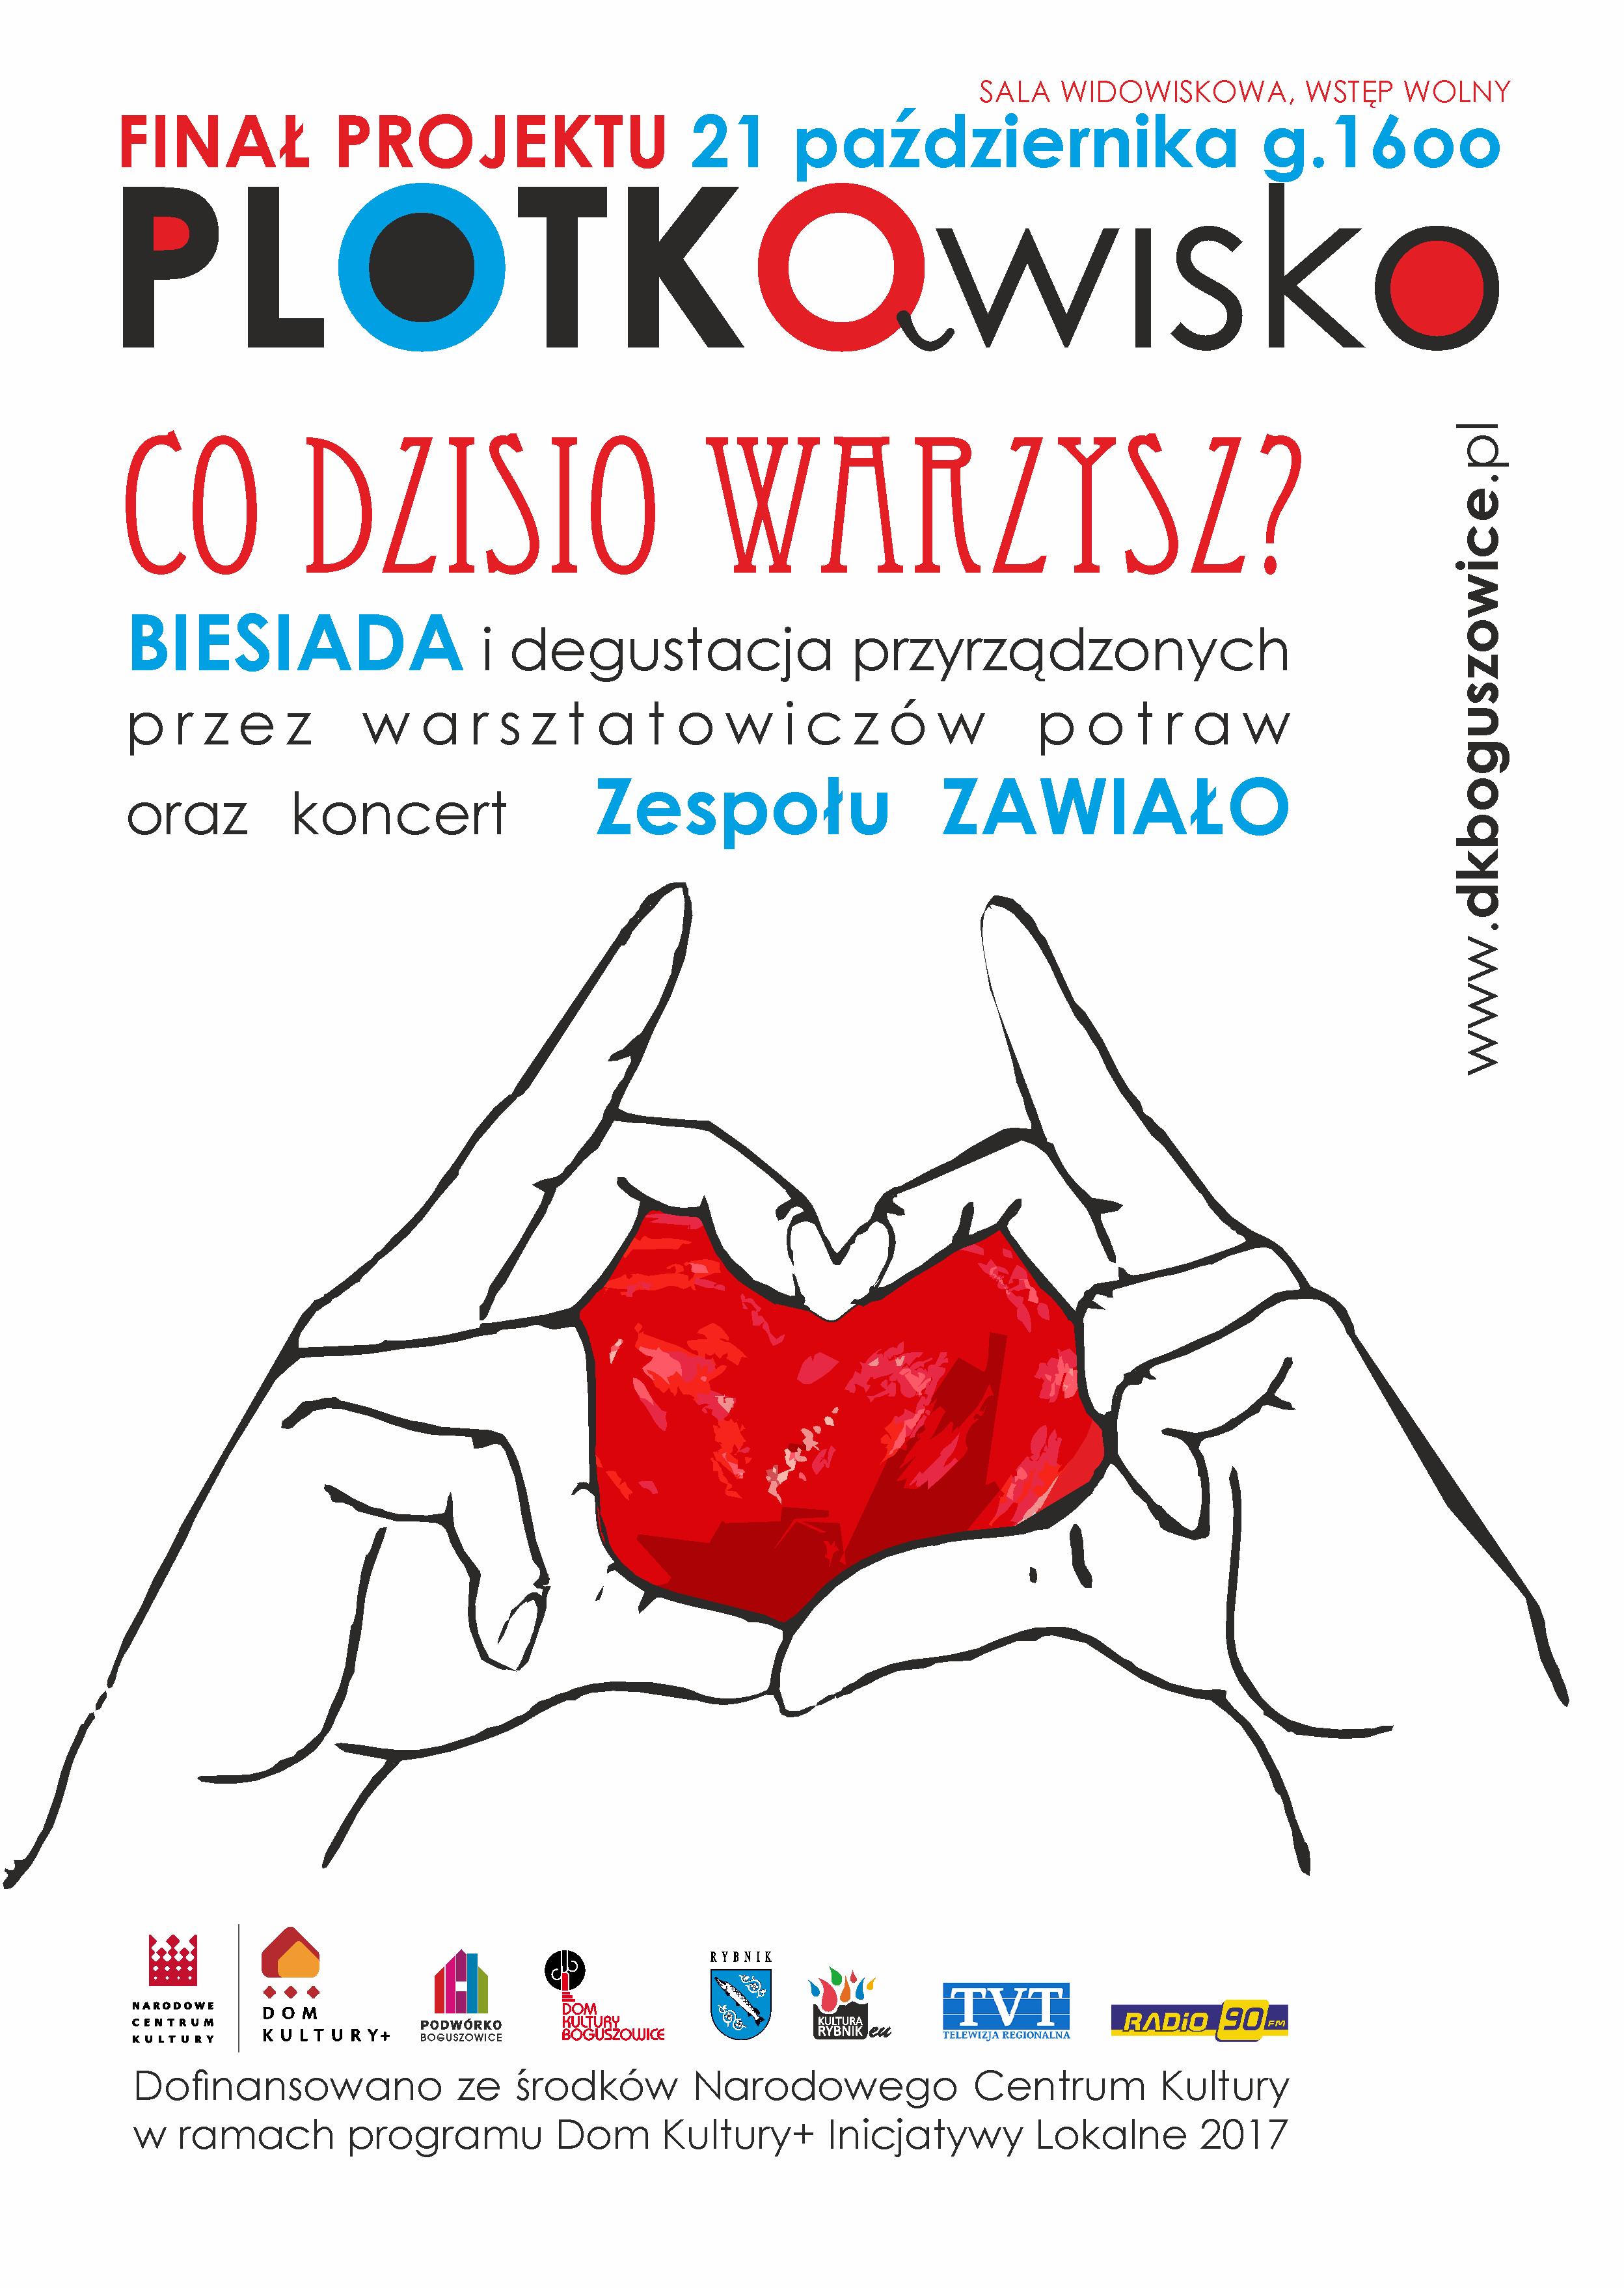 pLOTKOWISKO_PLAKAT_finał